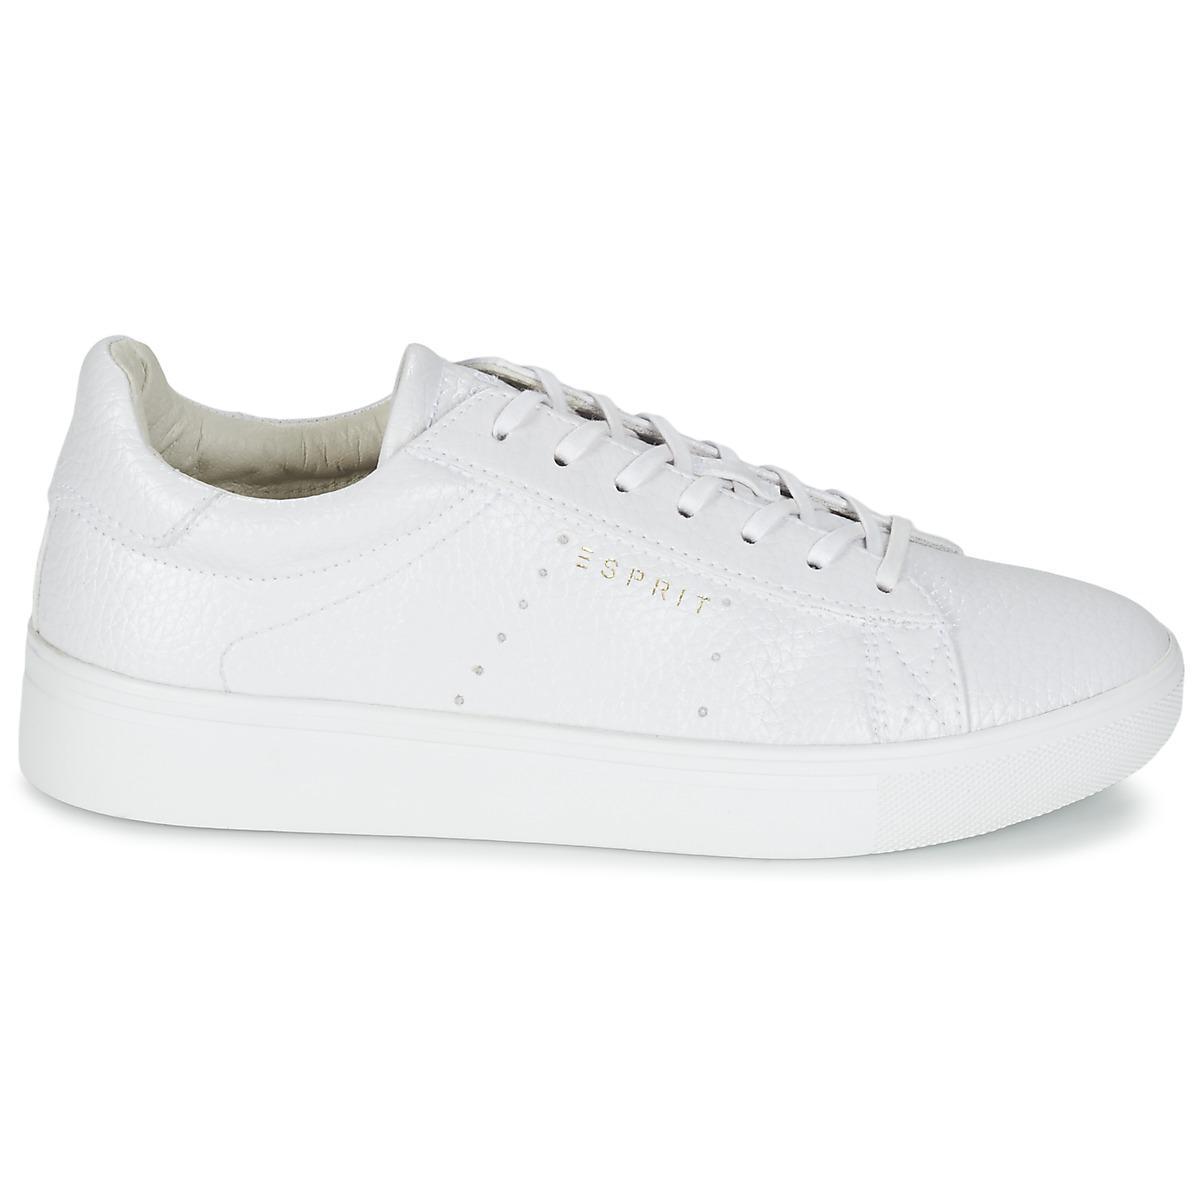 Esprit lizette lace up shoes trainers in white lyst jpg 1200x1200 Esprit tennis  shoes 4e6bc925b